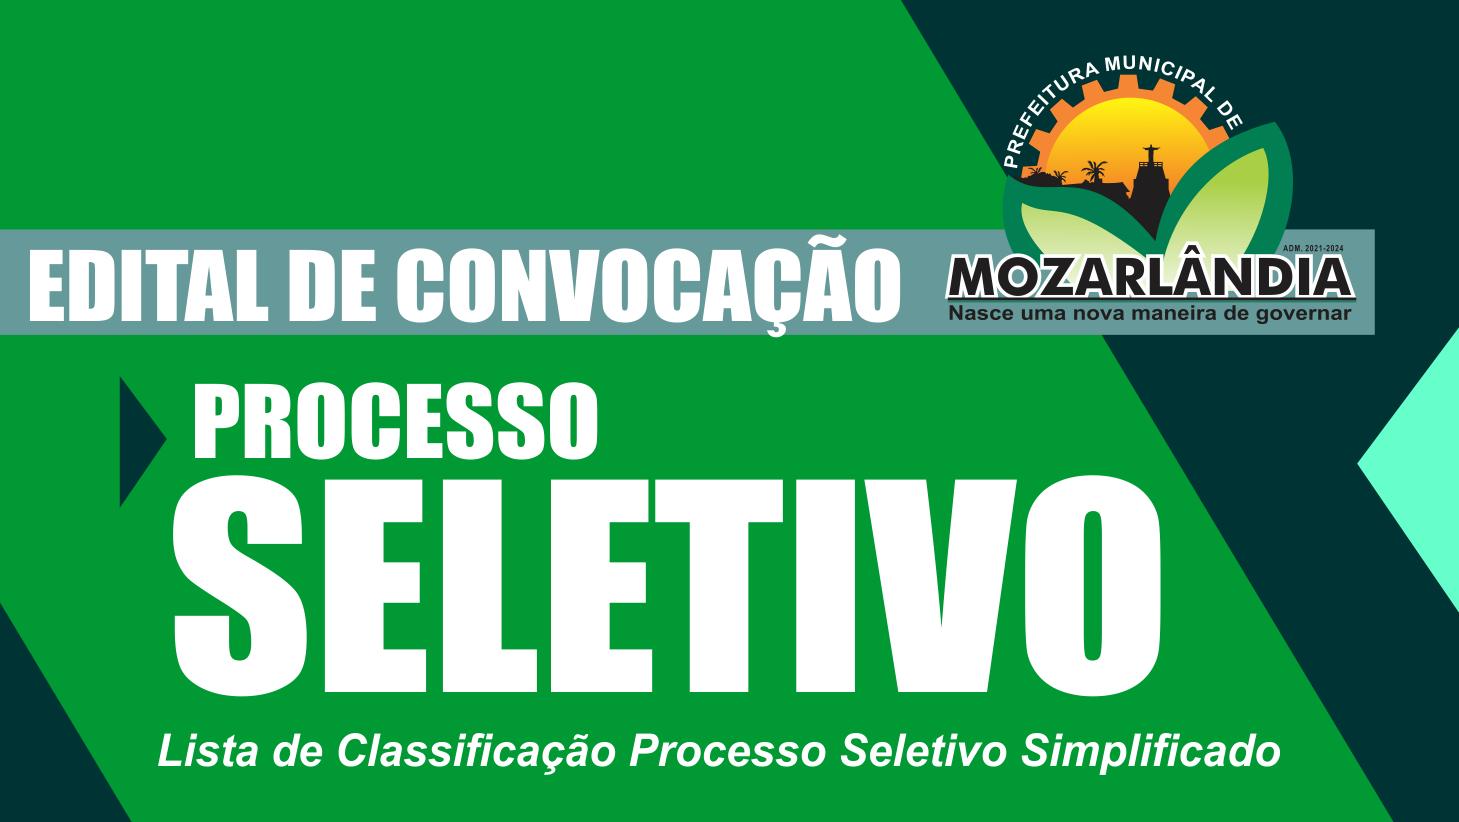 EDITAL DE CONVOCAÇÃO – PROCESSO SELETIVO EDUCAÇÃO